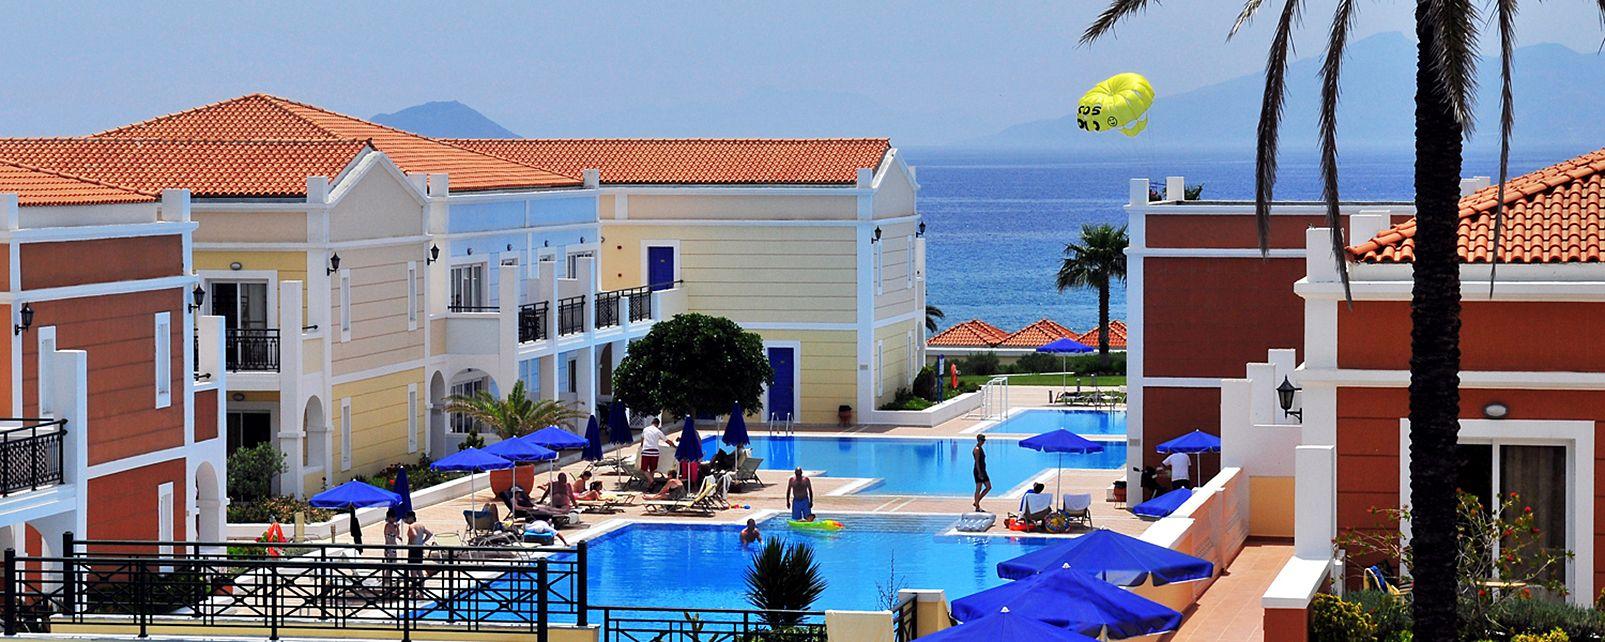 Hotel Atlantica Porto Bello Royal Kos